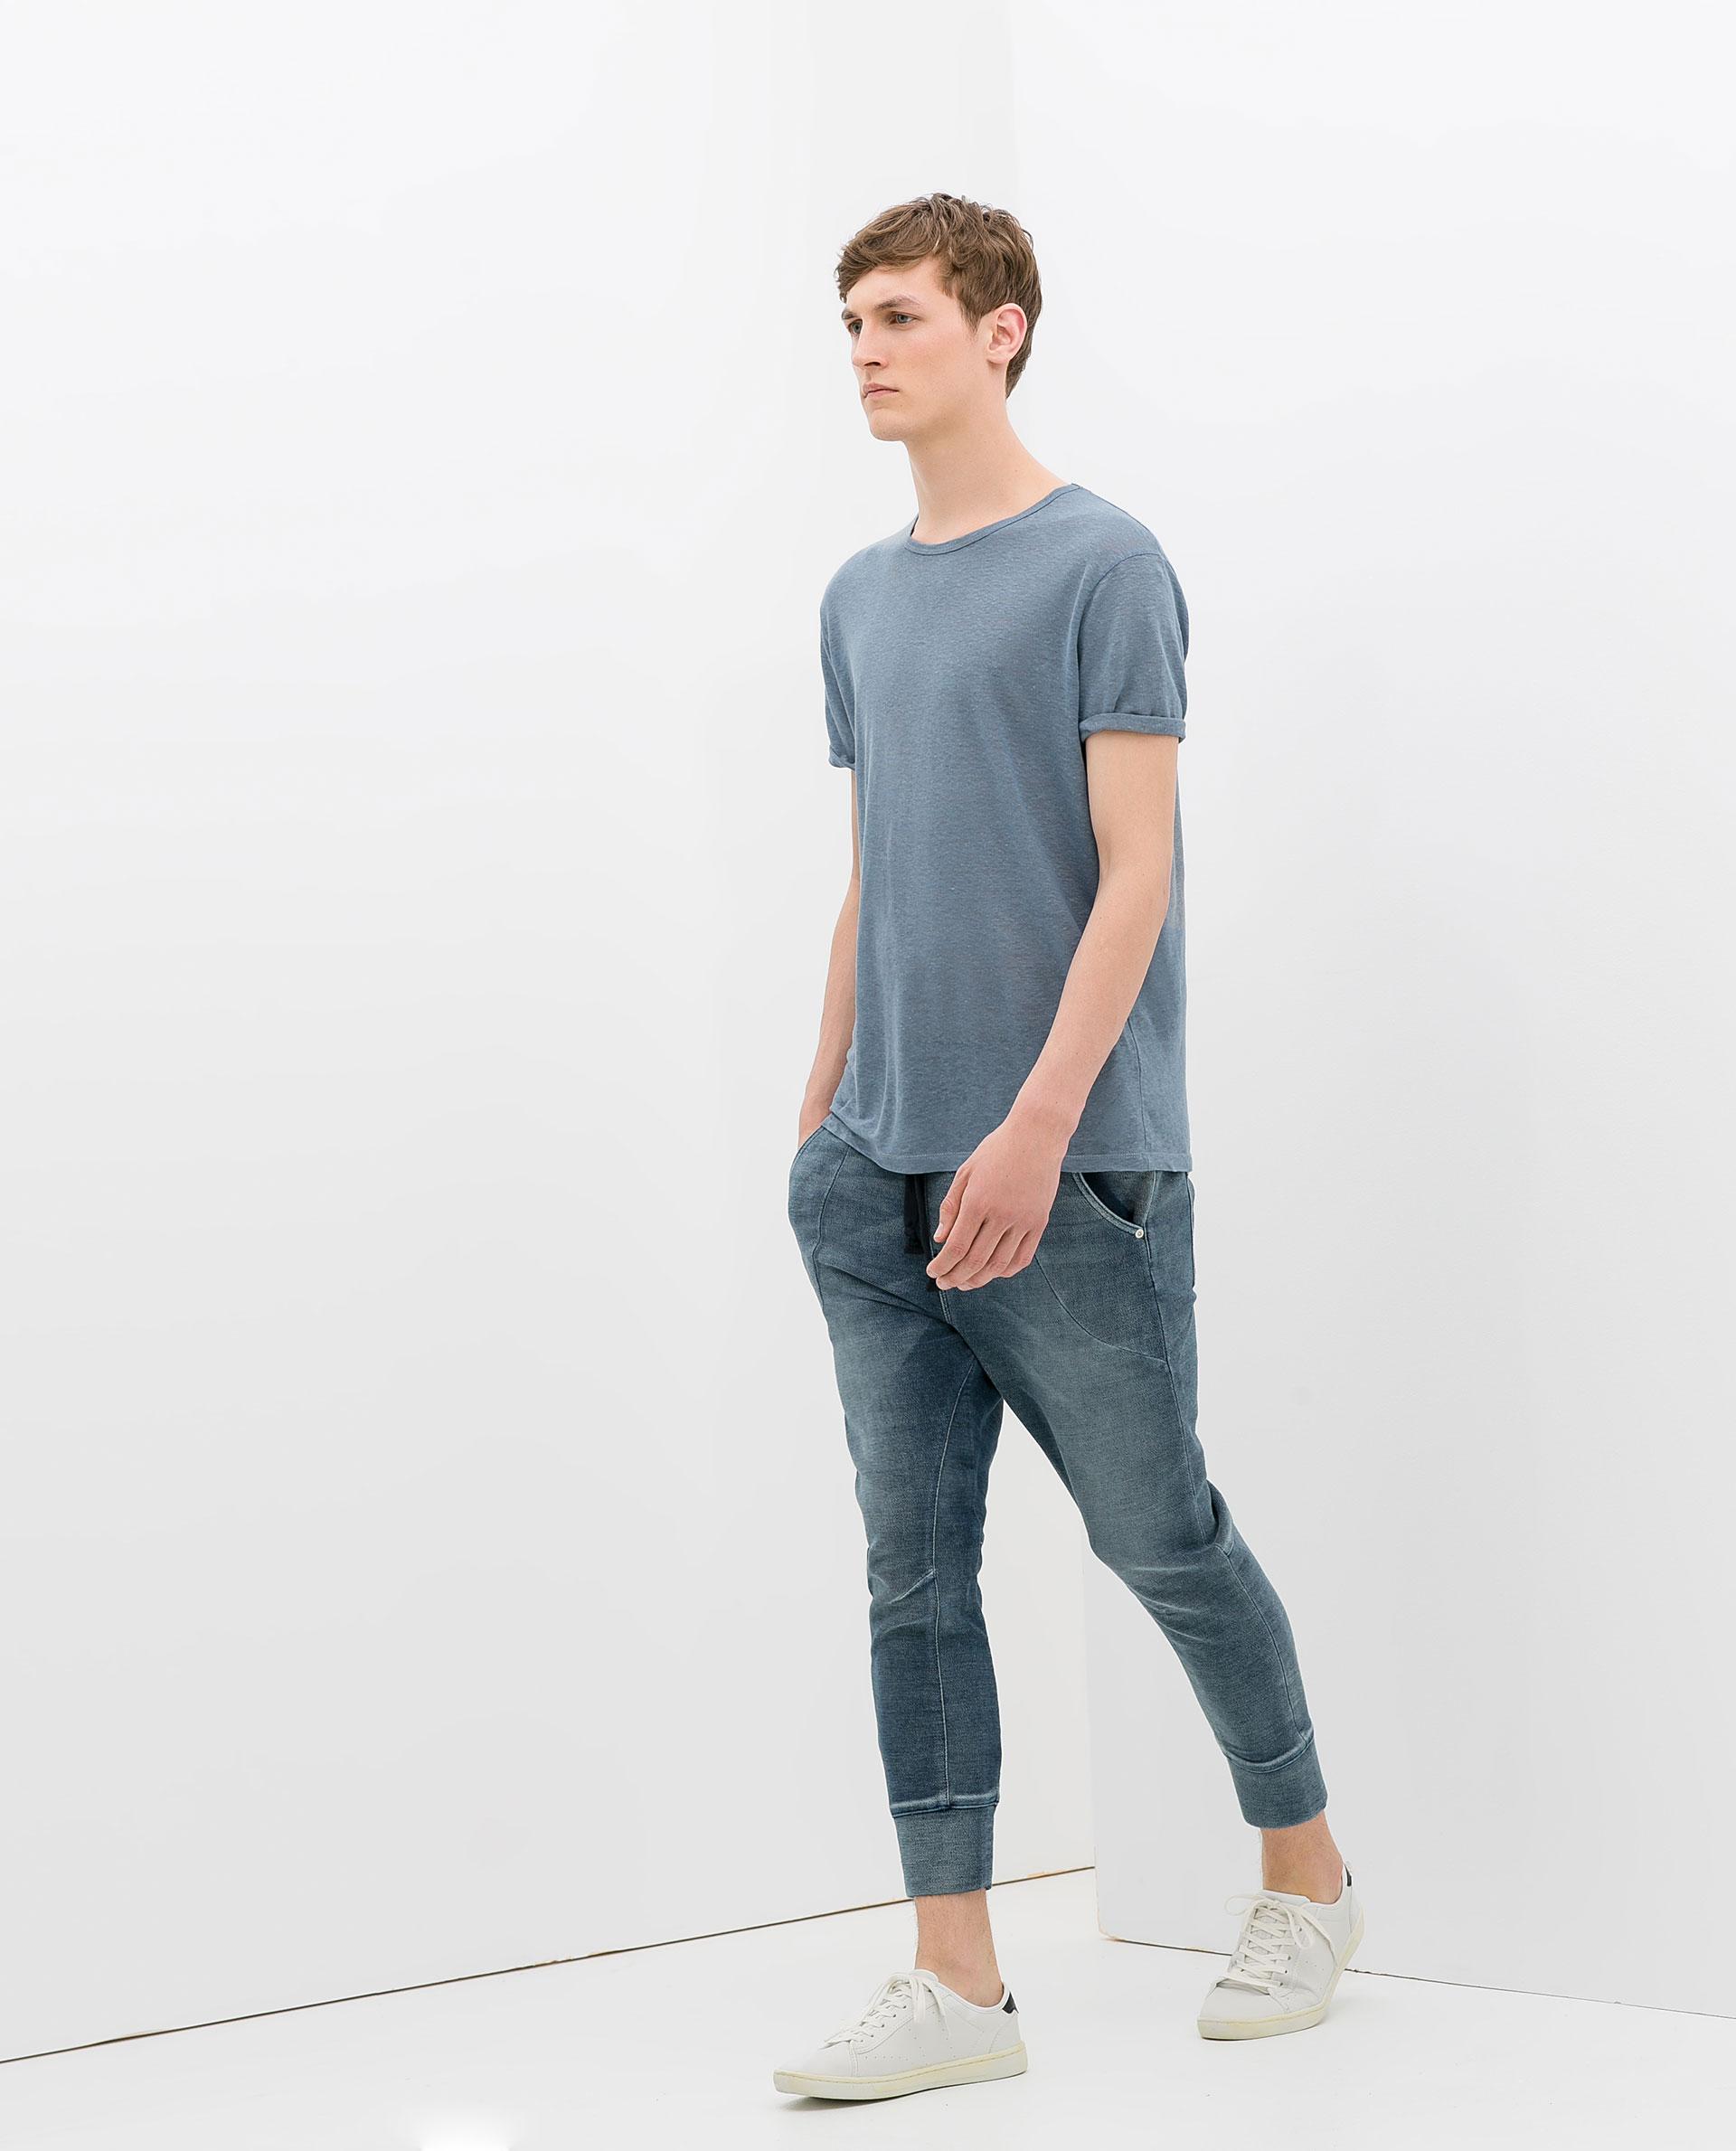 Brilliant Zara Baggy Jogging Pants  Polyvore